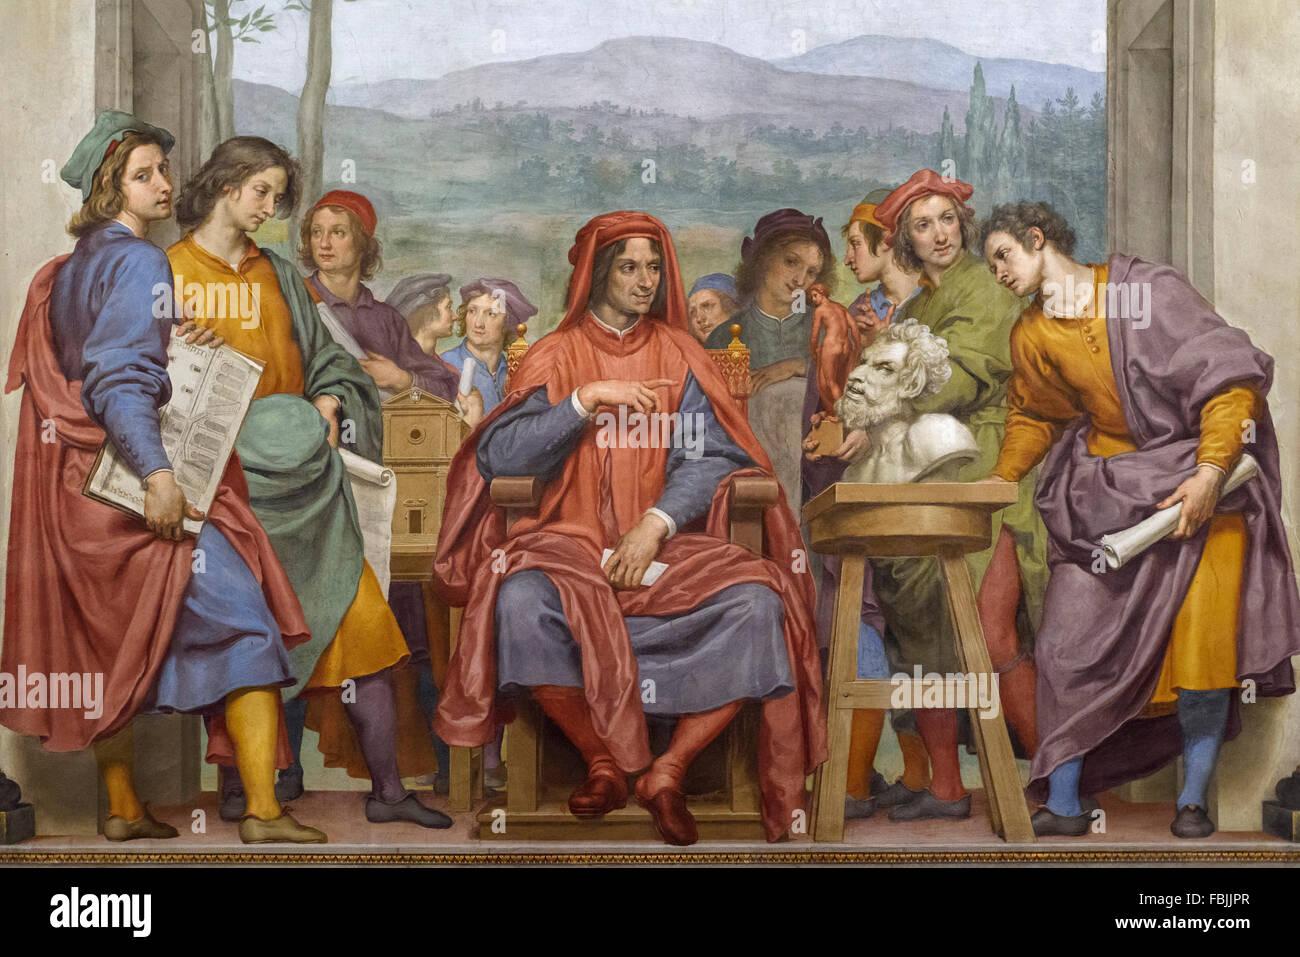 Florenz. Italien. Fresko von Lorenzo il Magnifico (1469-1492) umgeben von Künstlern, unter ihnen das junge Stockbild